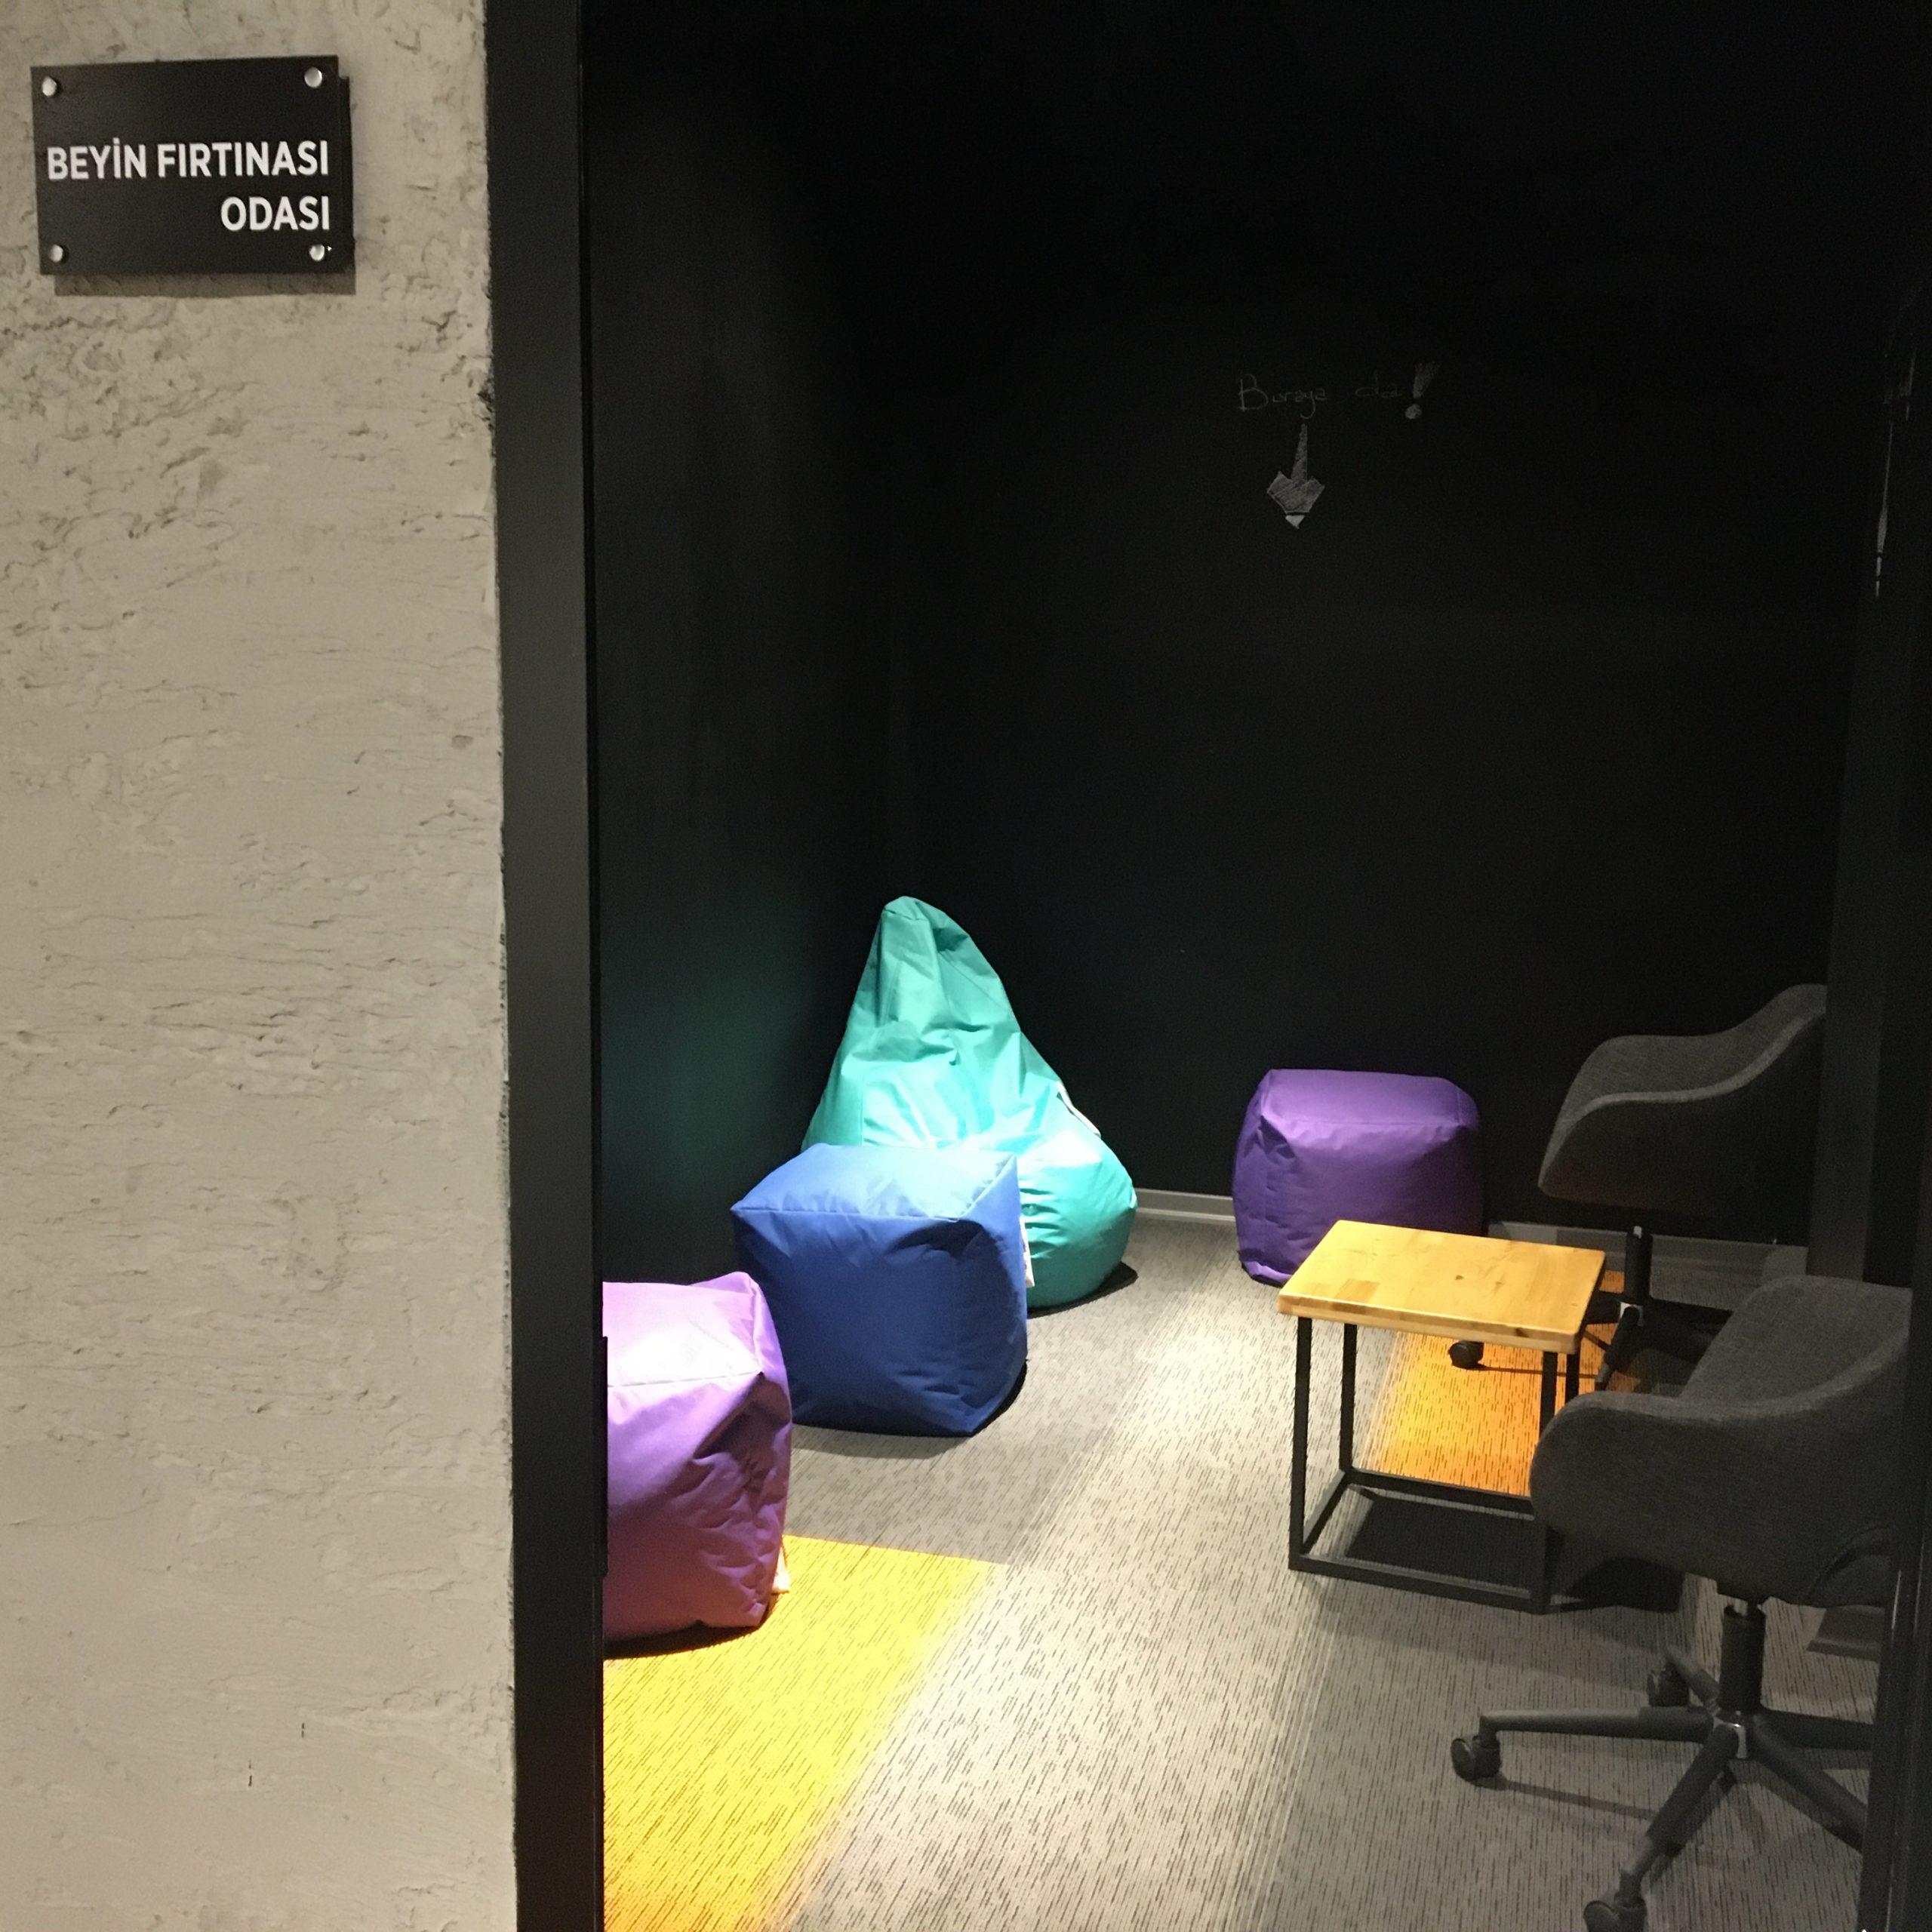 Beyin Fırtınası Odası